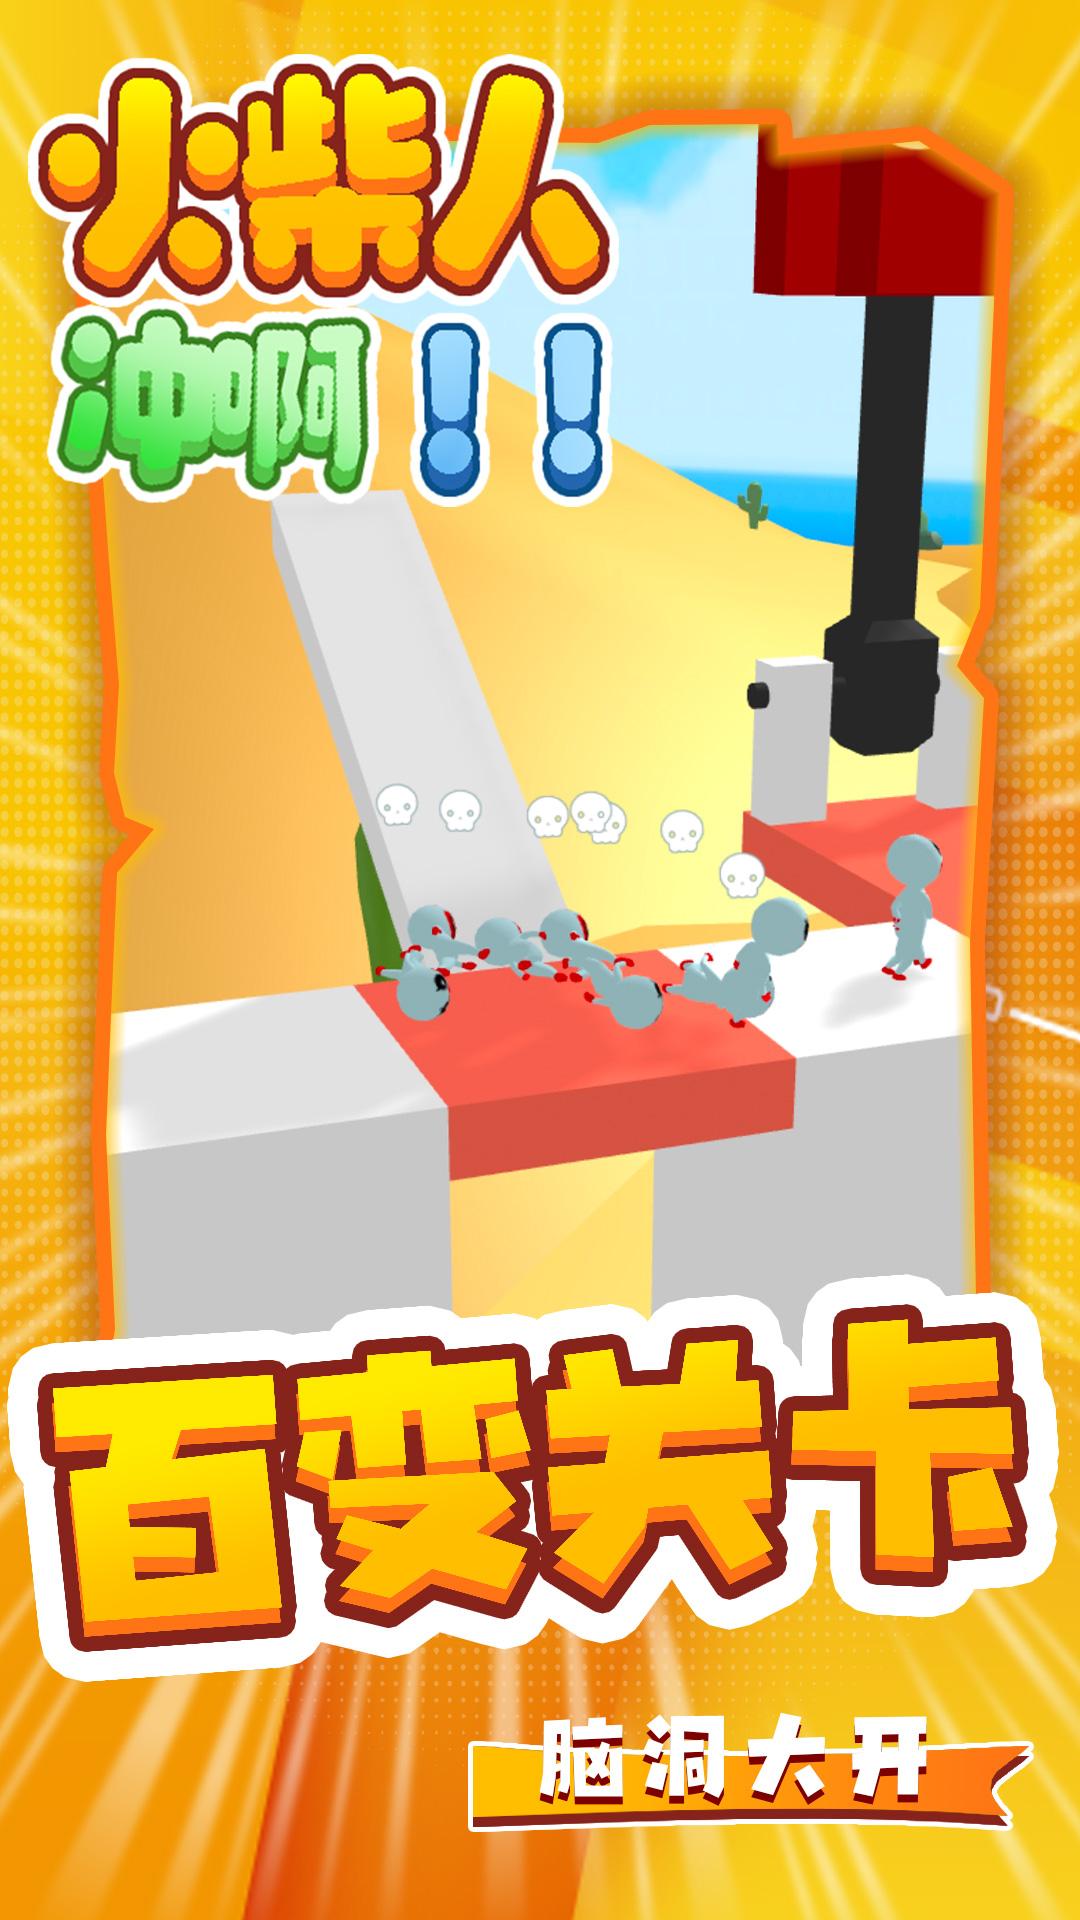 火柴人冲啊游戏安卓版图3